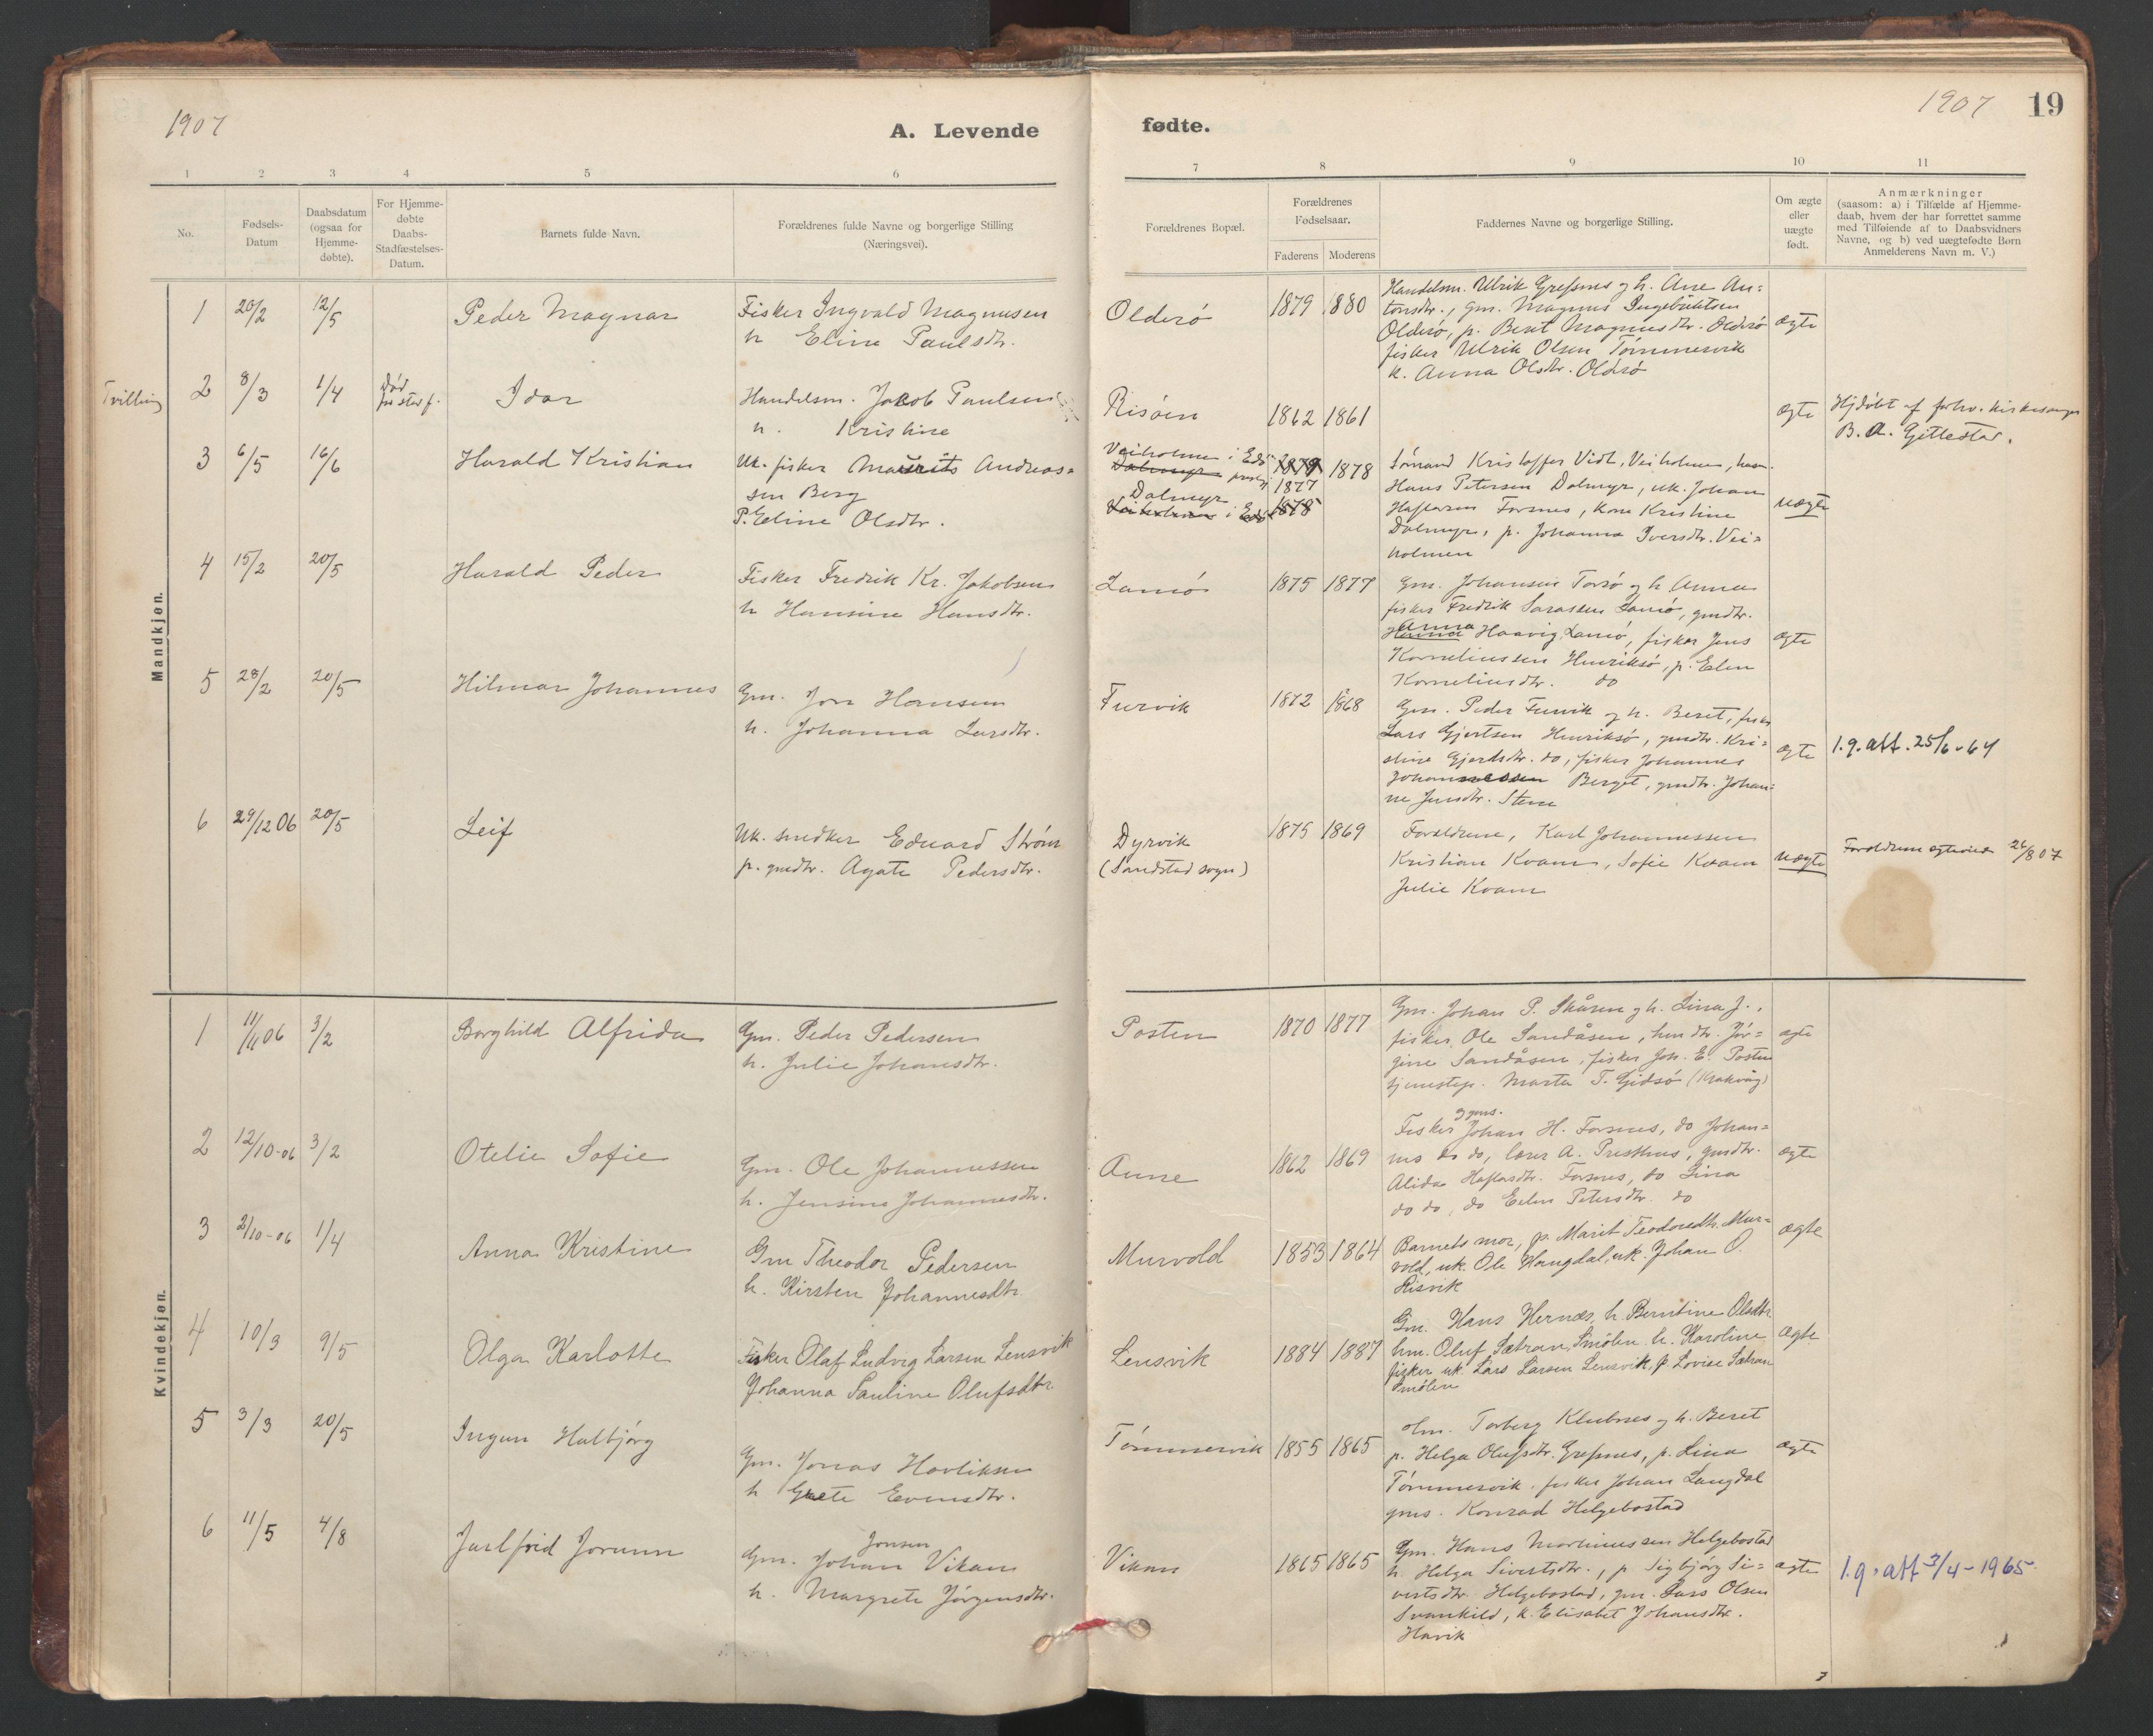 SAT, Ministerialprotokoller, klokkerbøker og fødselsregistre - Sør-Trøndelag, 635/L0552: Ministerialbok nr. 635A02, 1899-1919, s. 19